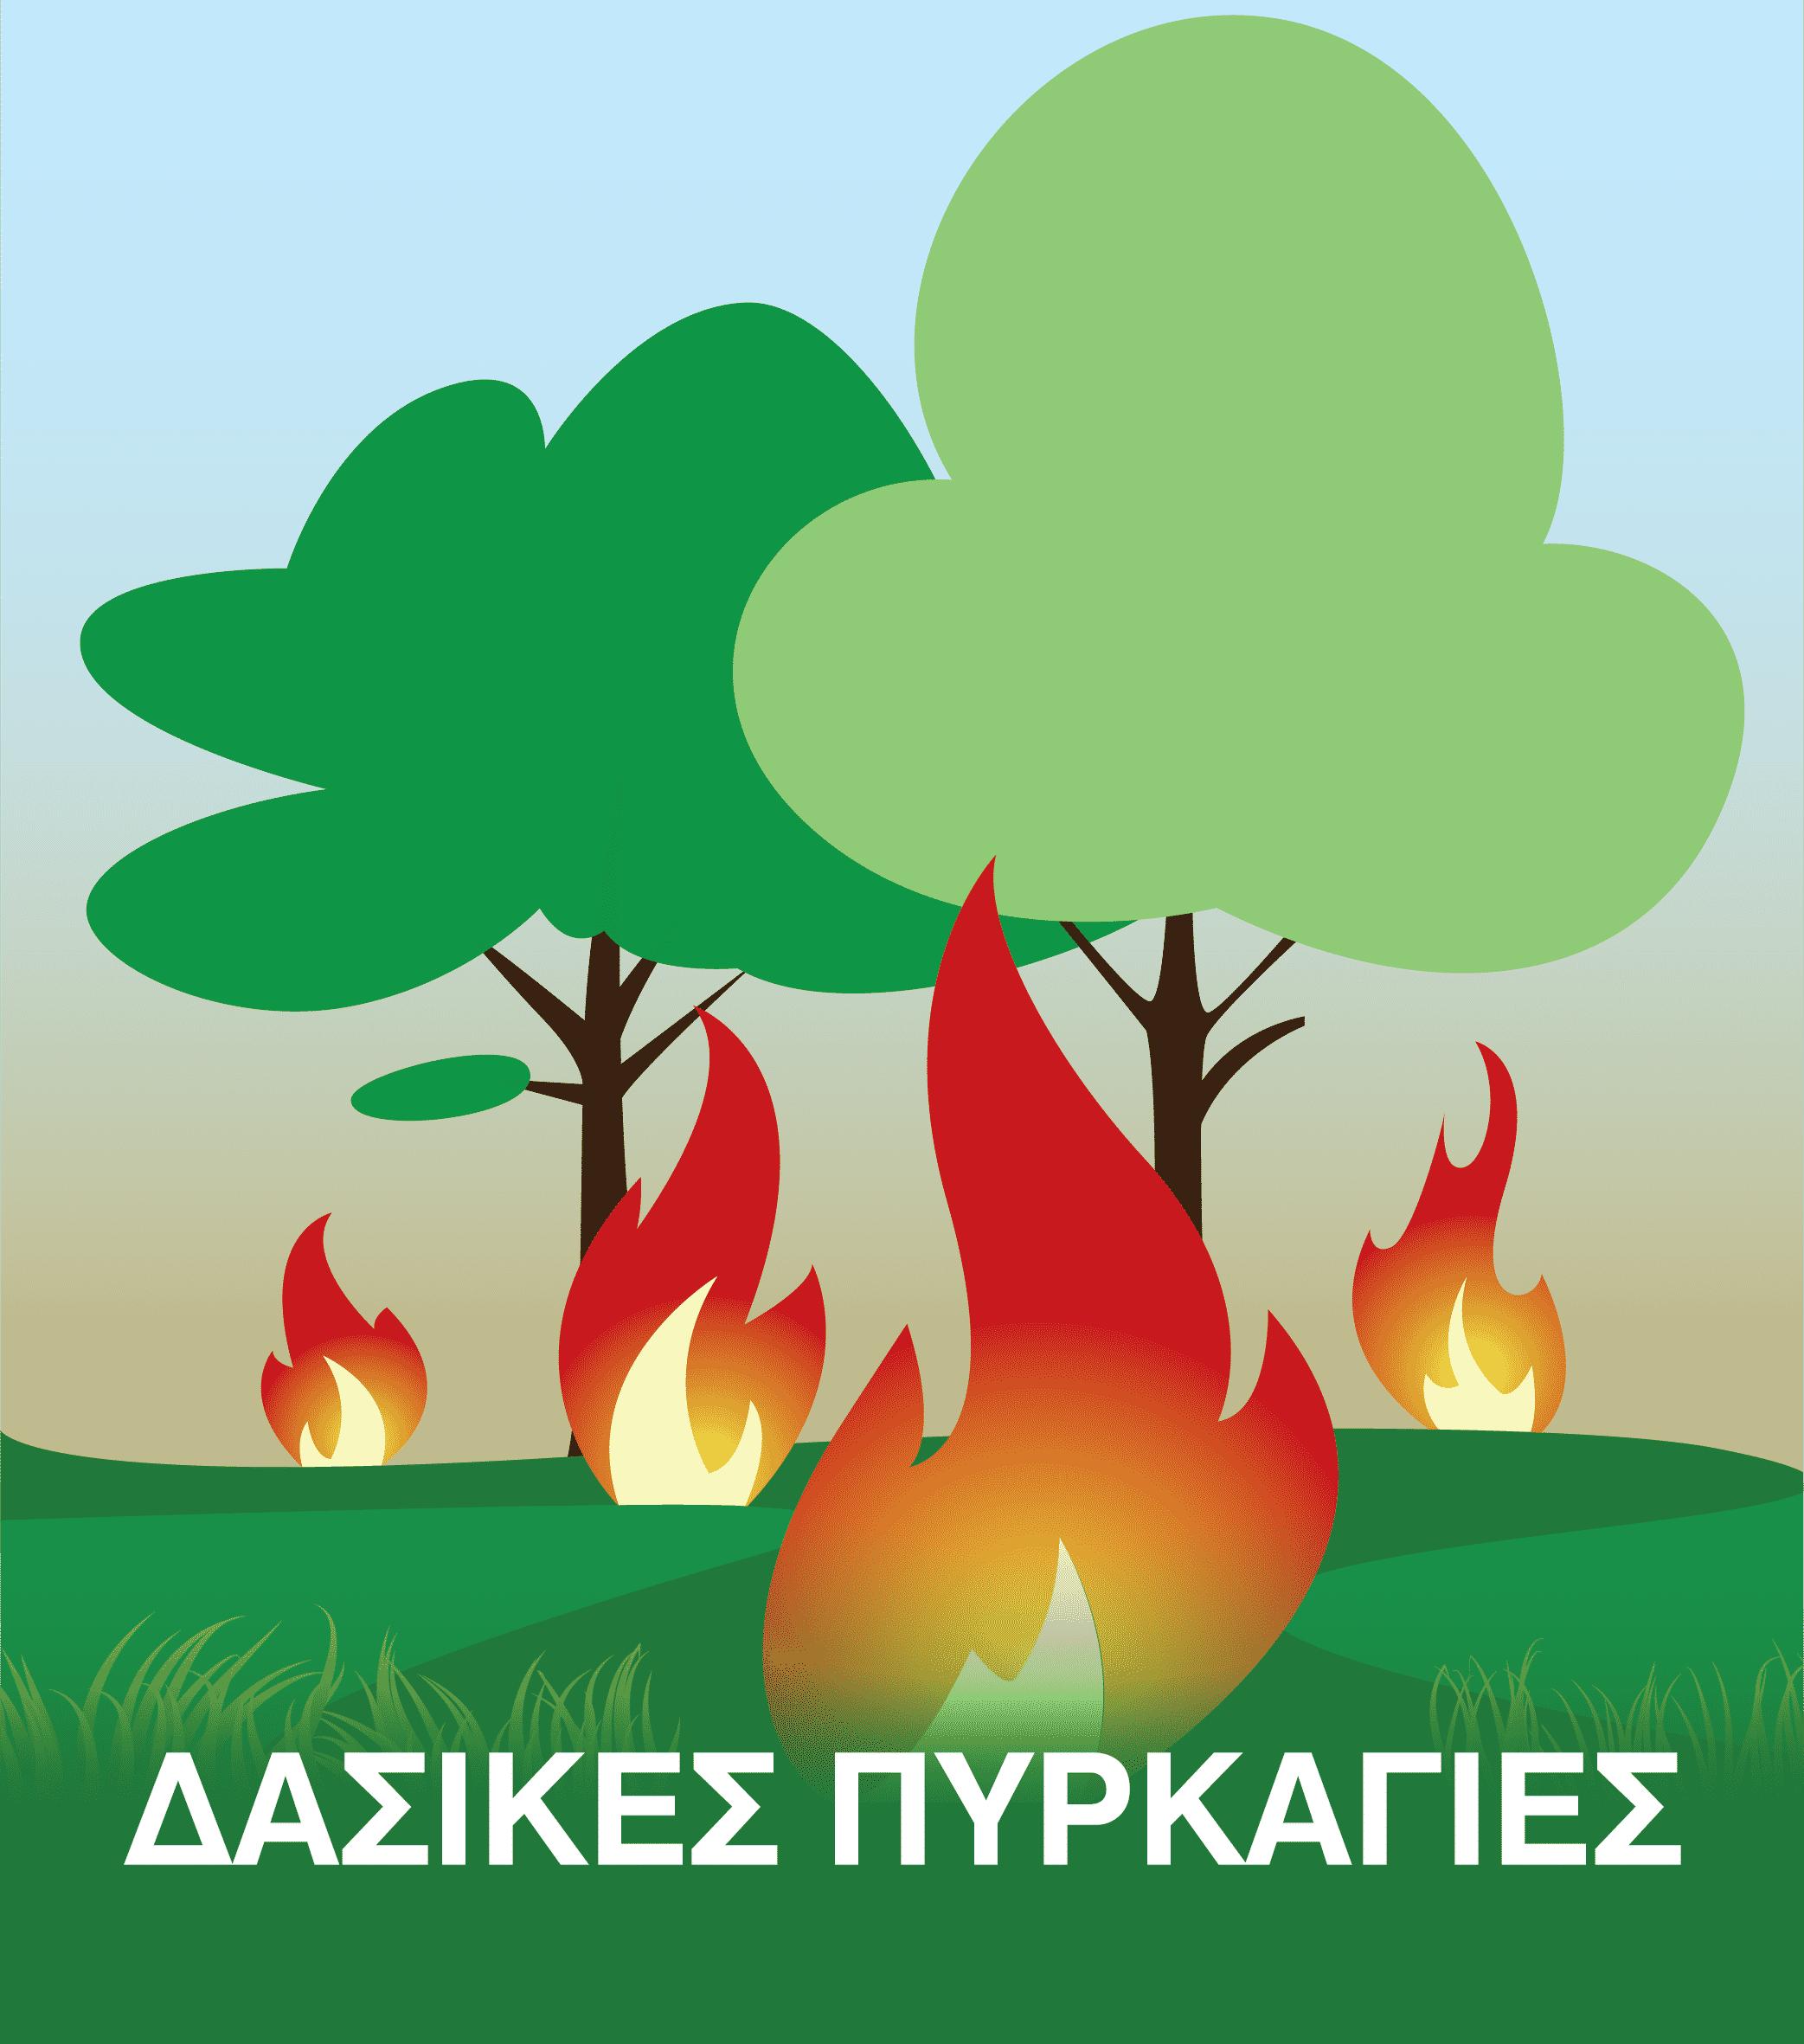 Ούτε το περιβάλλον ούτε η ελληνική γη ούτε οι άνθρωποι θέλουμε τα... πατενταρισμένα δέντρα